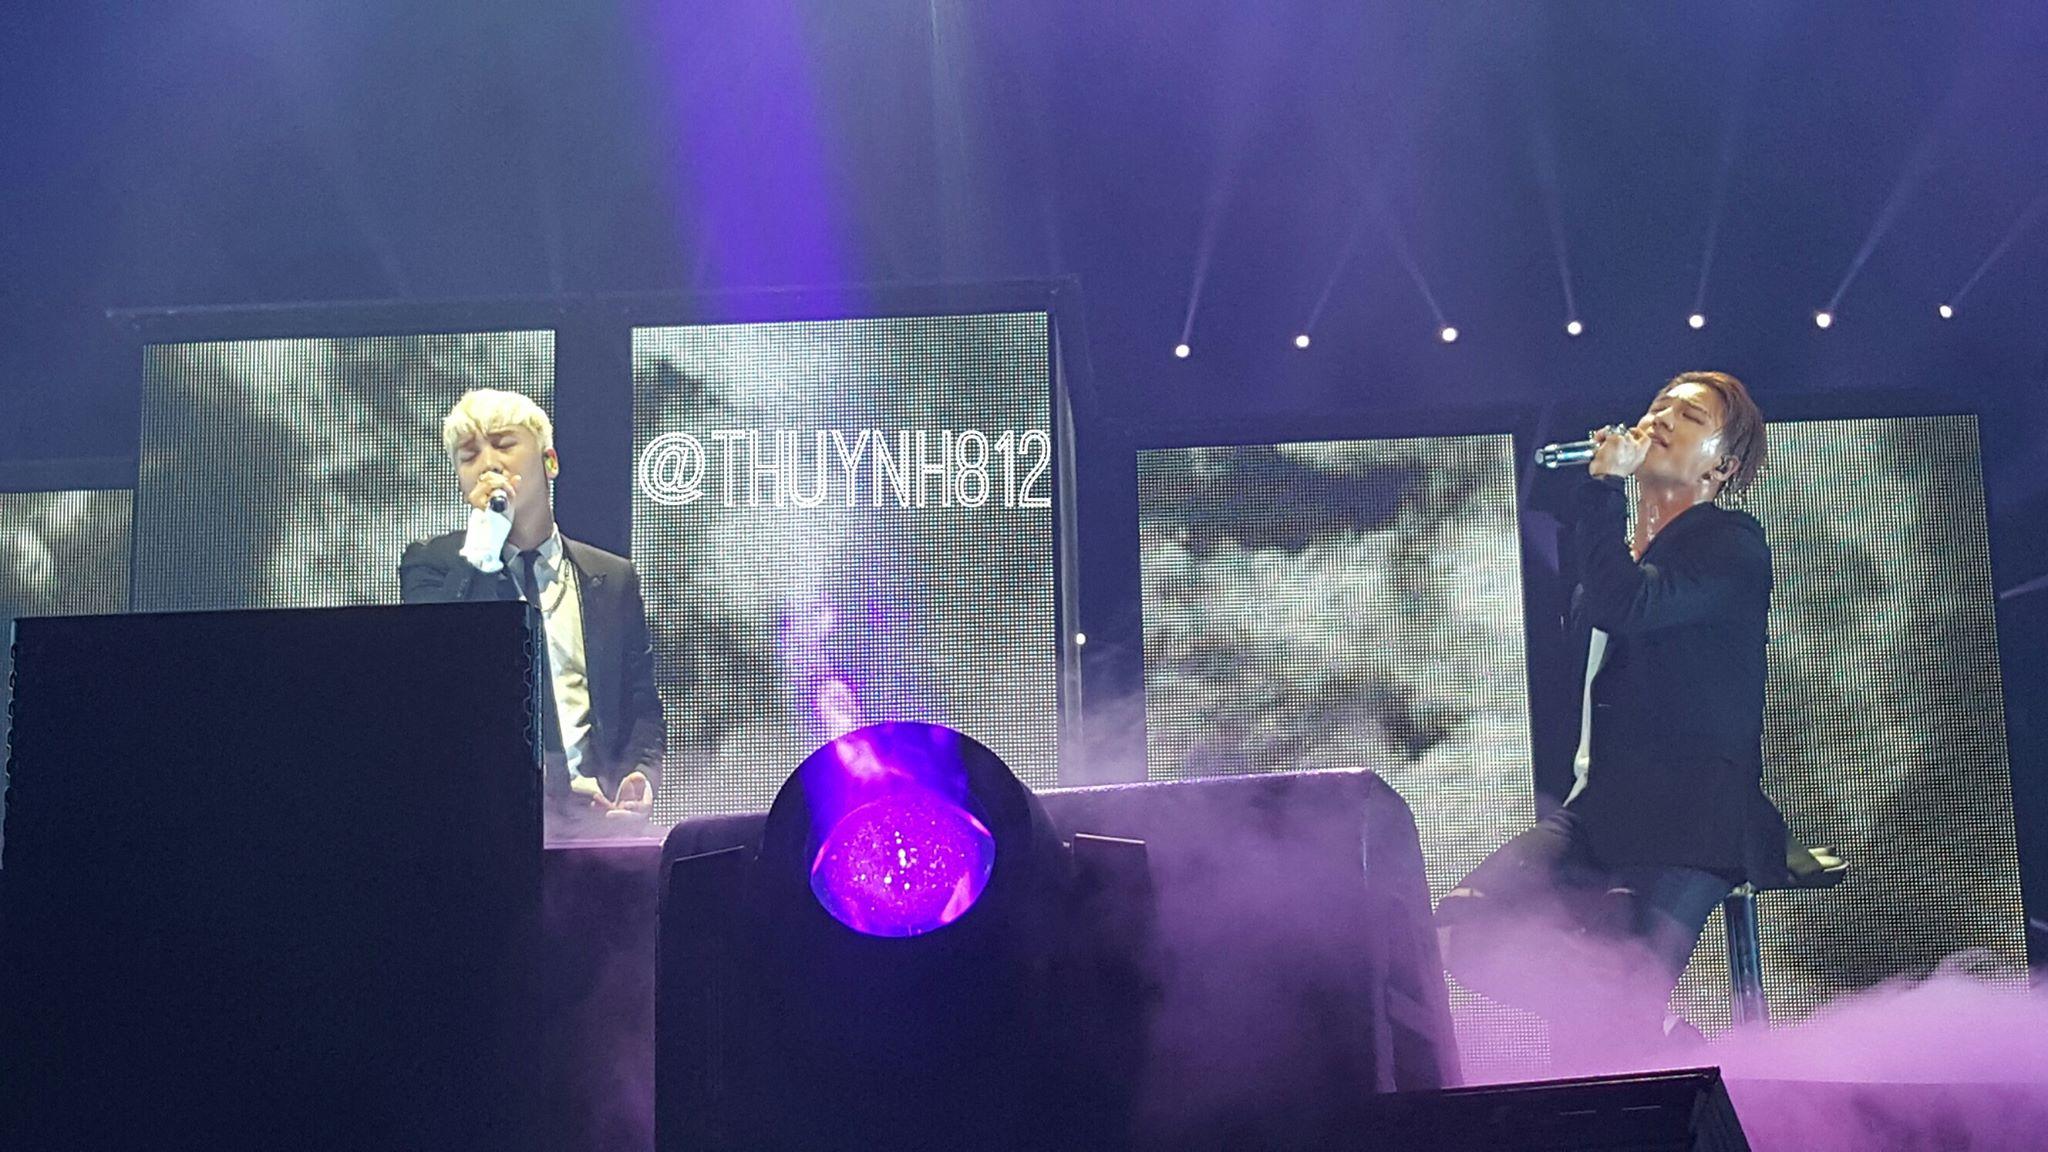 BIGBANG, MADE Tour, Seungri, Taeyang